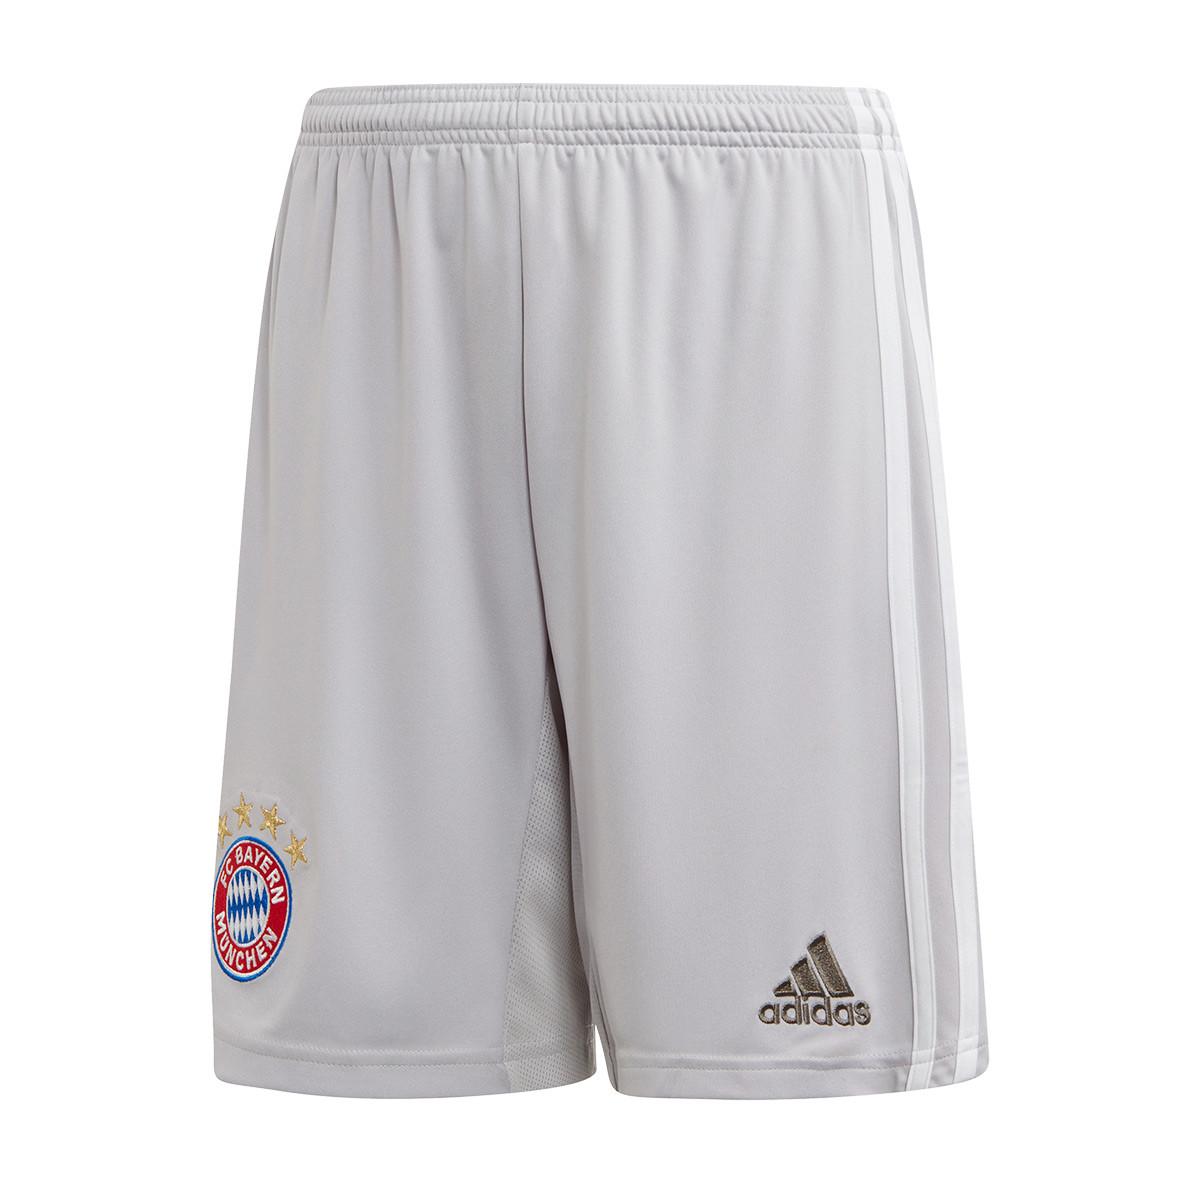 Short adidas Bayern Munich Segunda Equipación 2019 2020 Niño